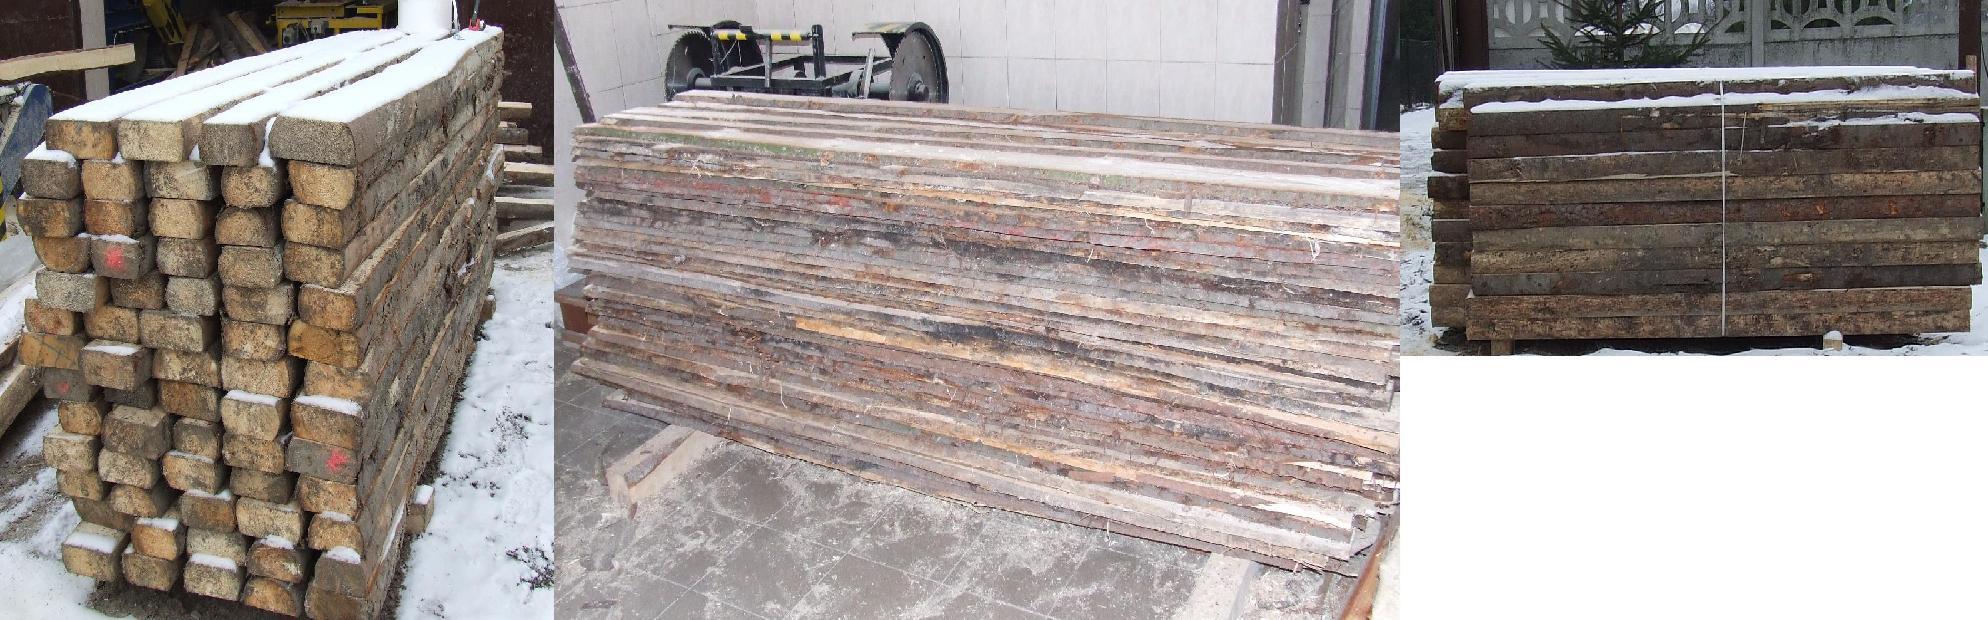 tarcica nieobrzynana swierkowa 2,5 metra